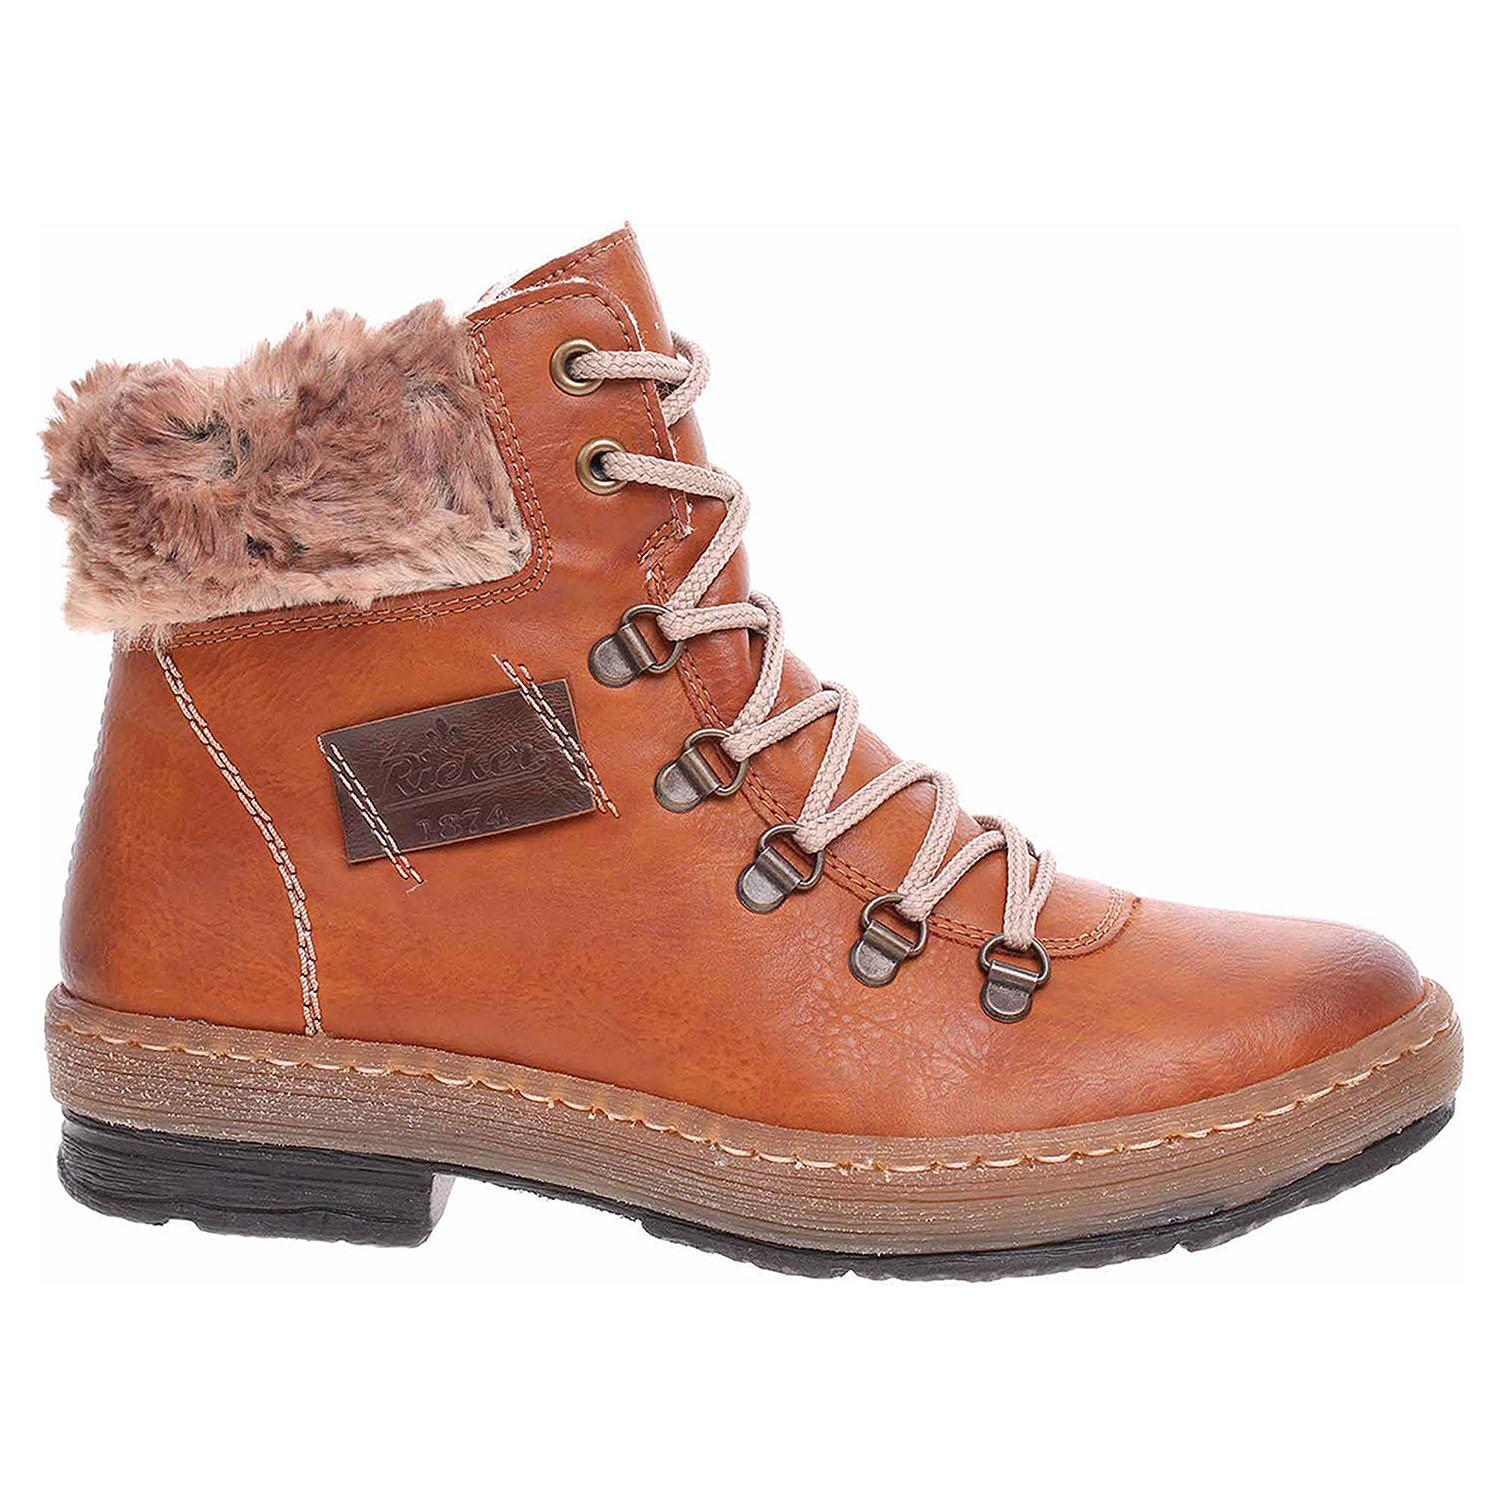 144f565fc9c06 Dámska členkové topánky Rieker Z6743-24 braun   REJNOK obuv